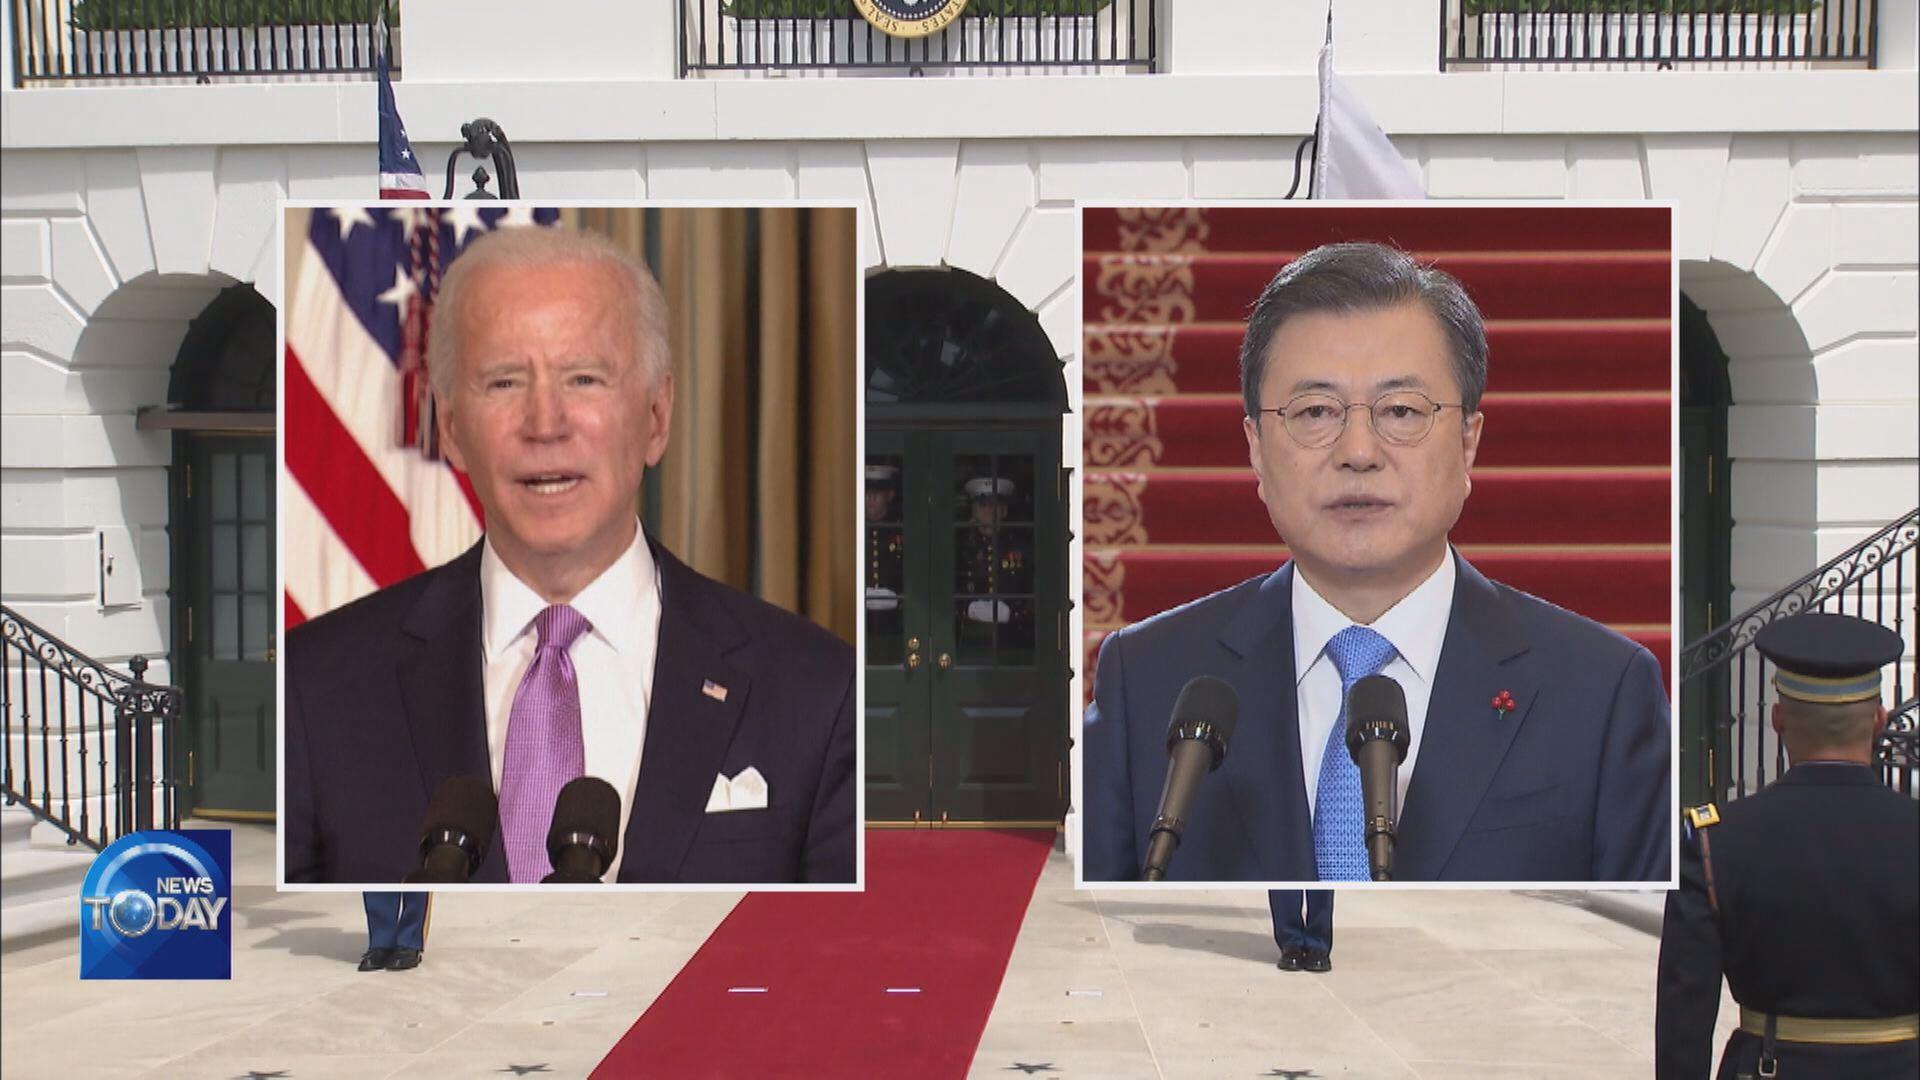 S. KOREA-U.S. SUMMIT